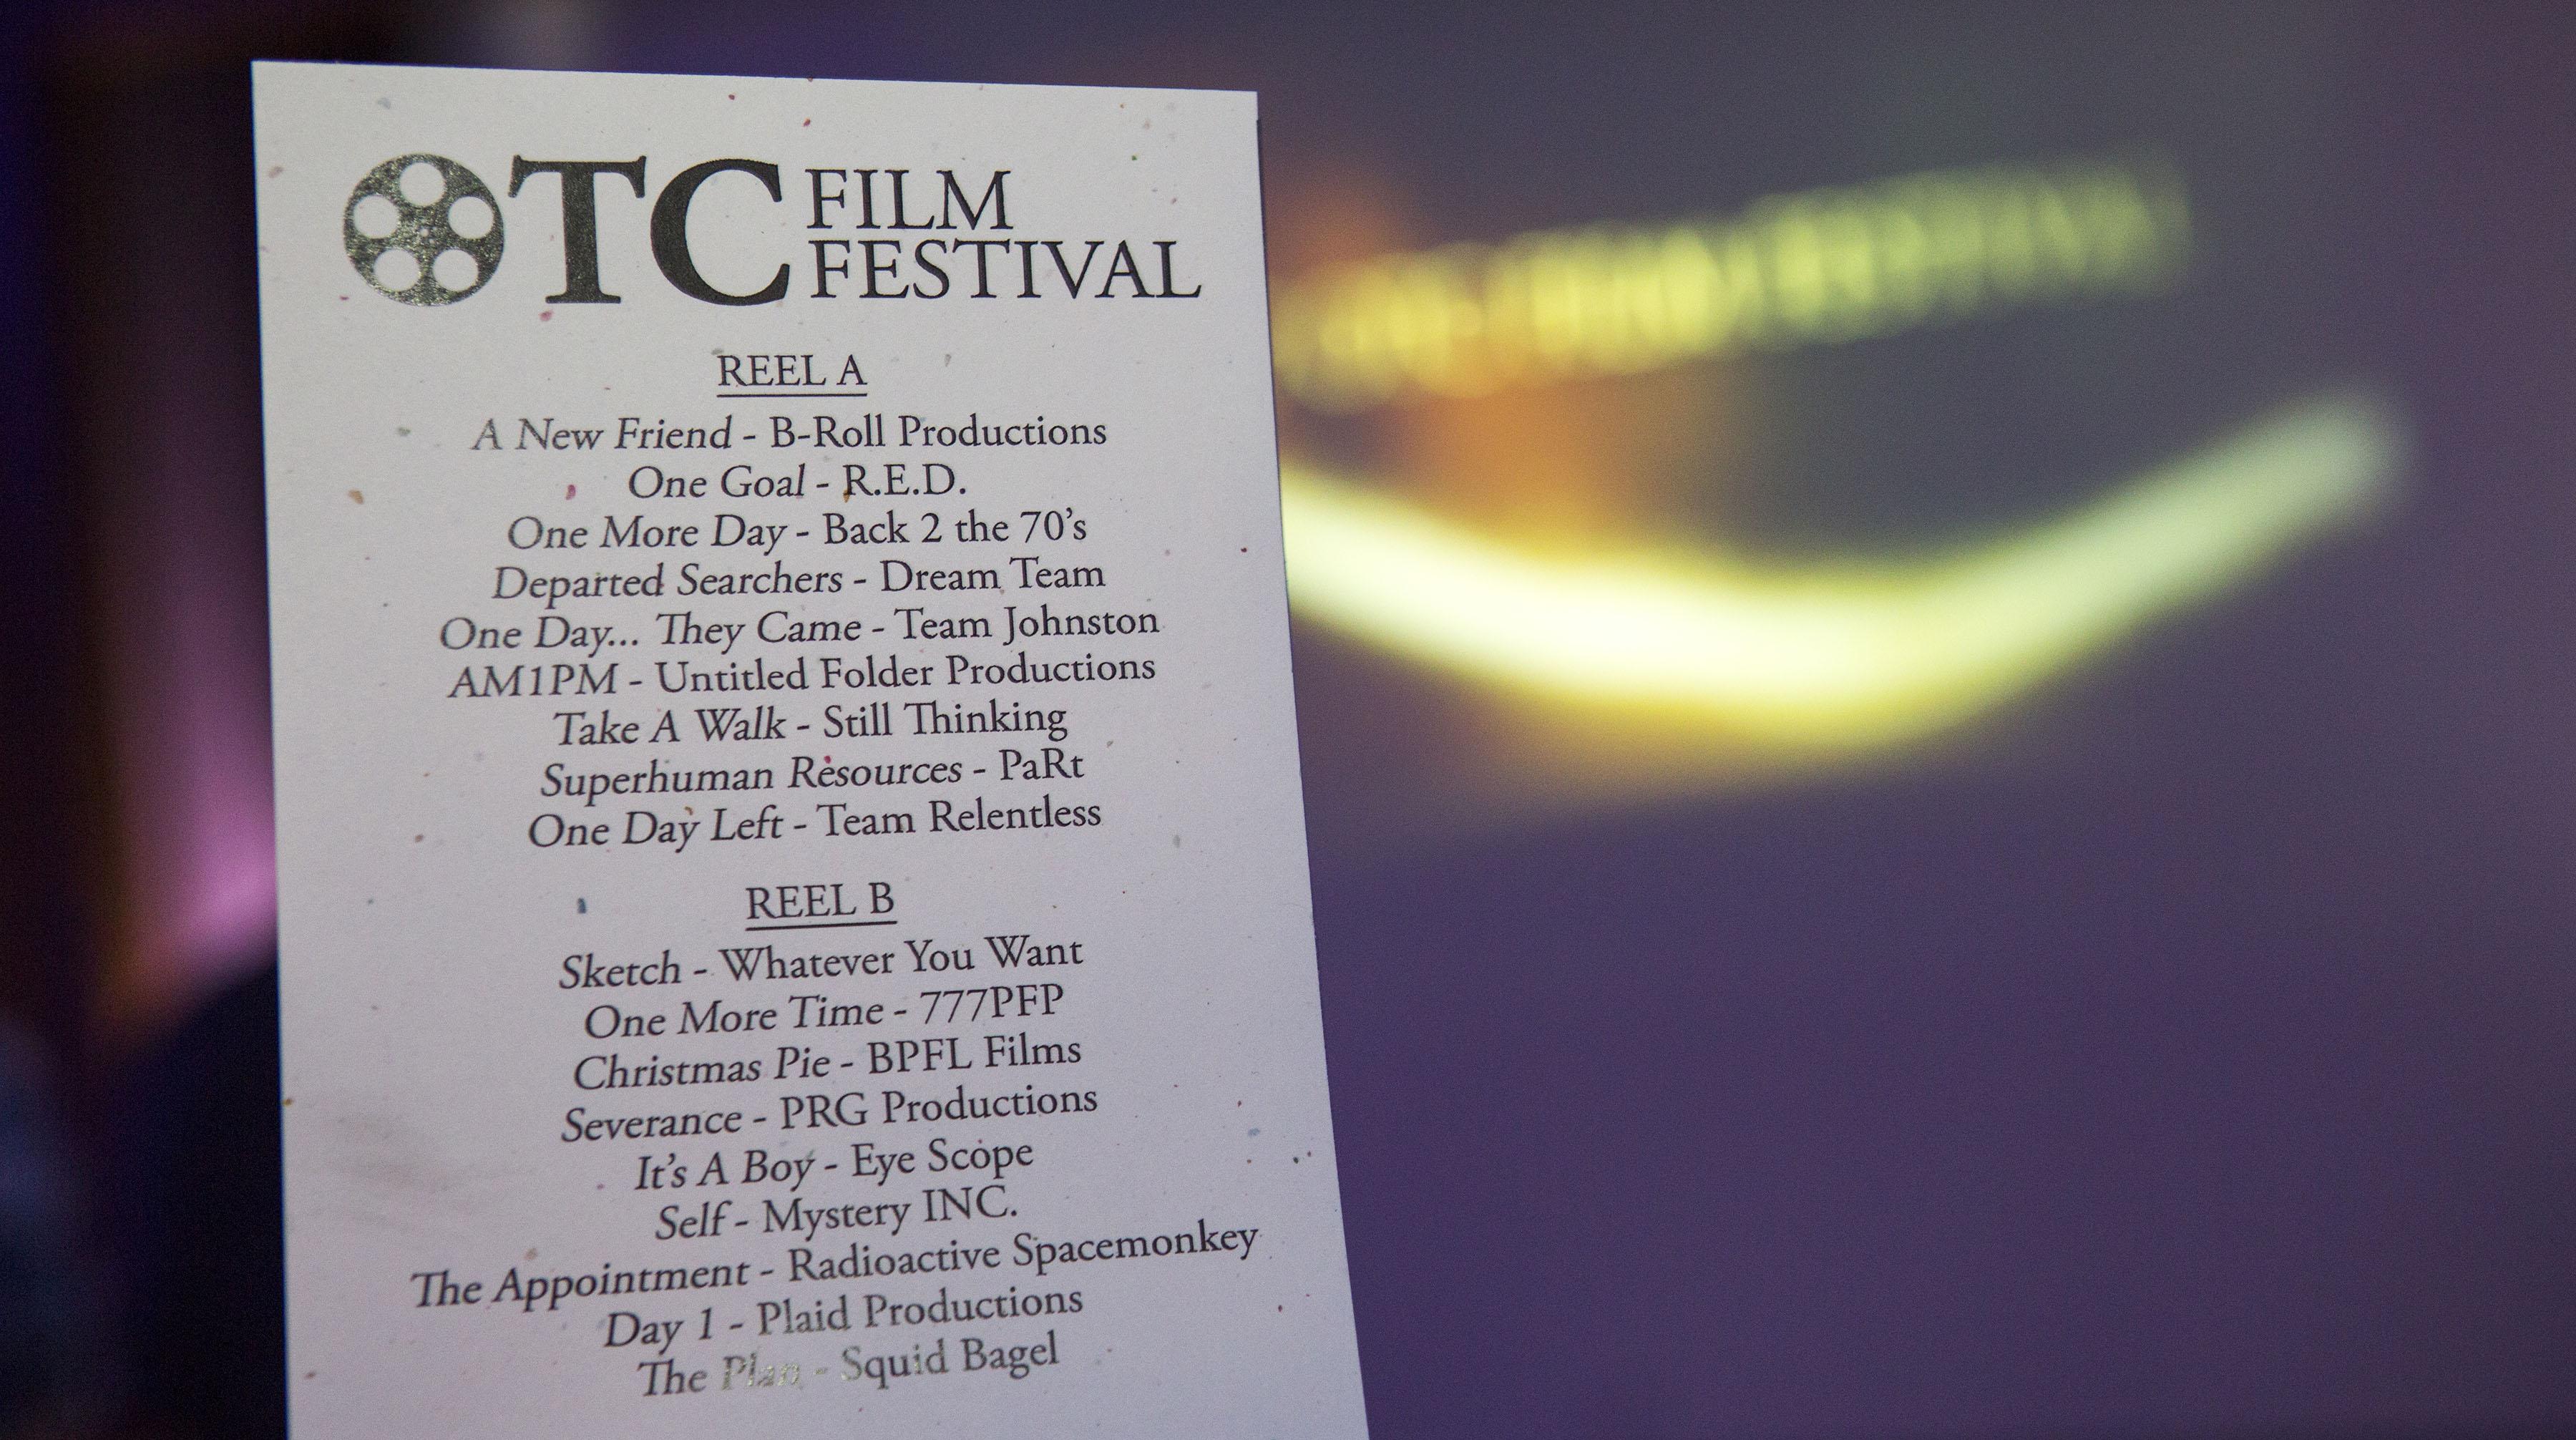 Film Festival Reel